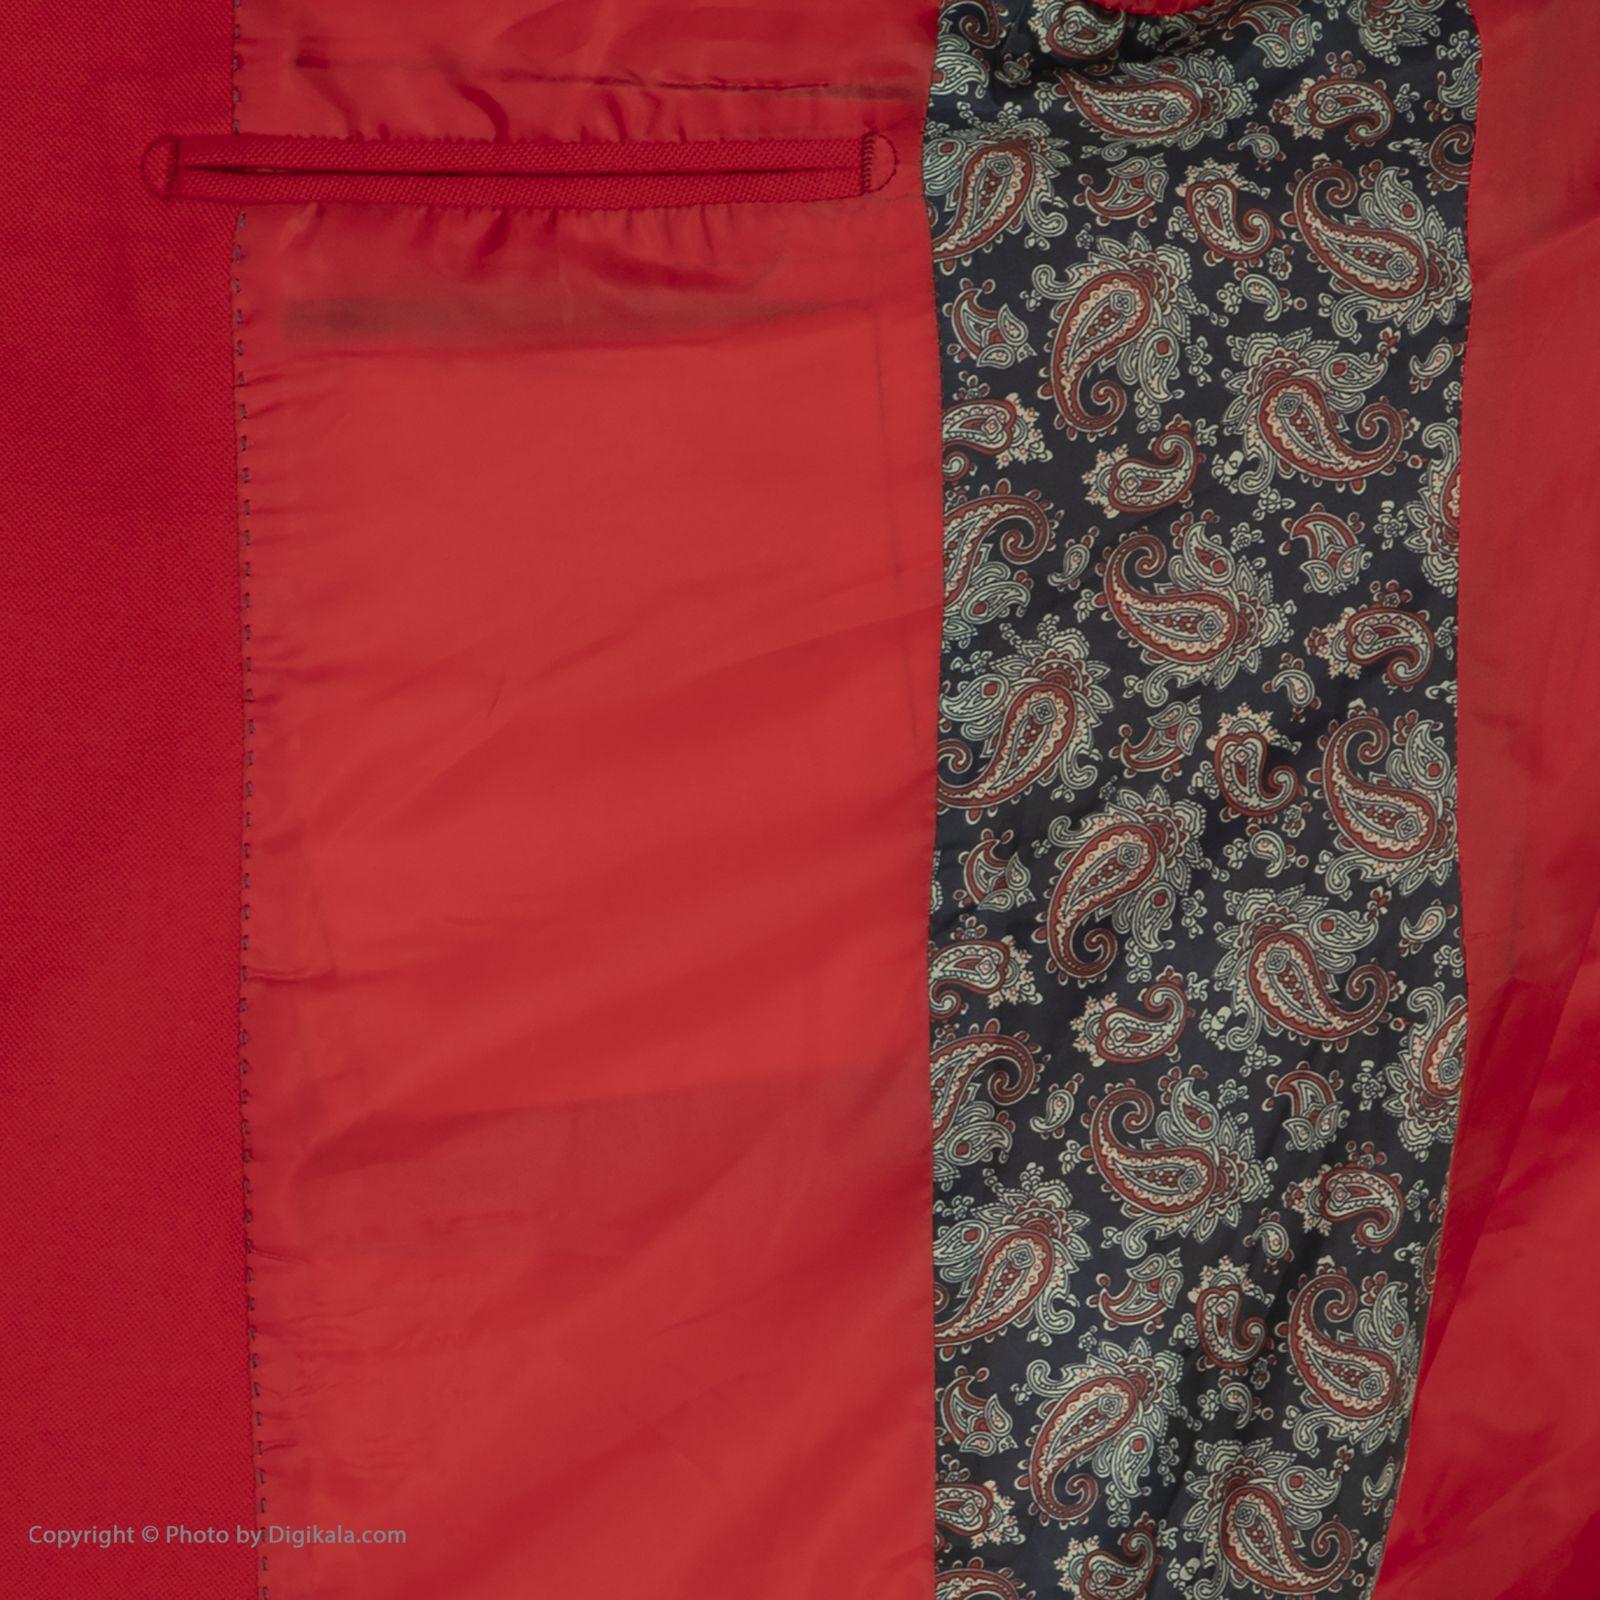 کت تک مردانه ان سی نو مدل جانسو رنگ قرمز -  - 6